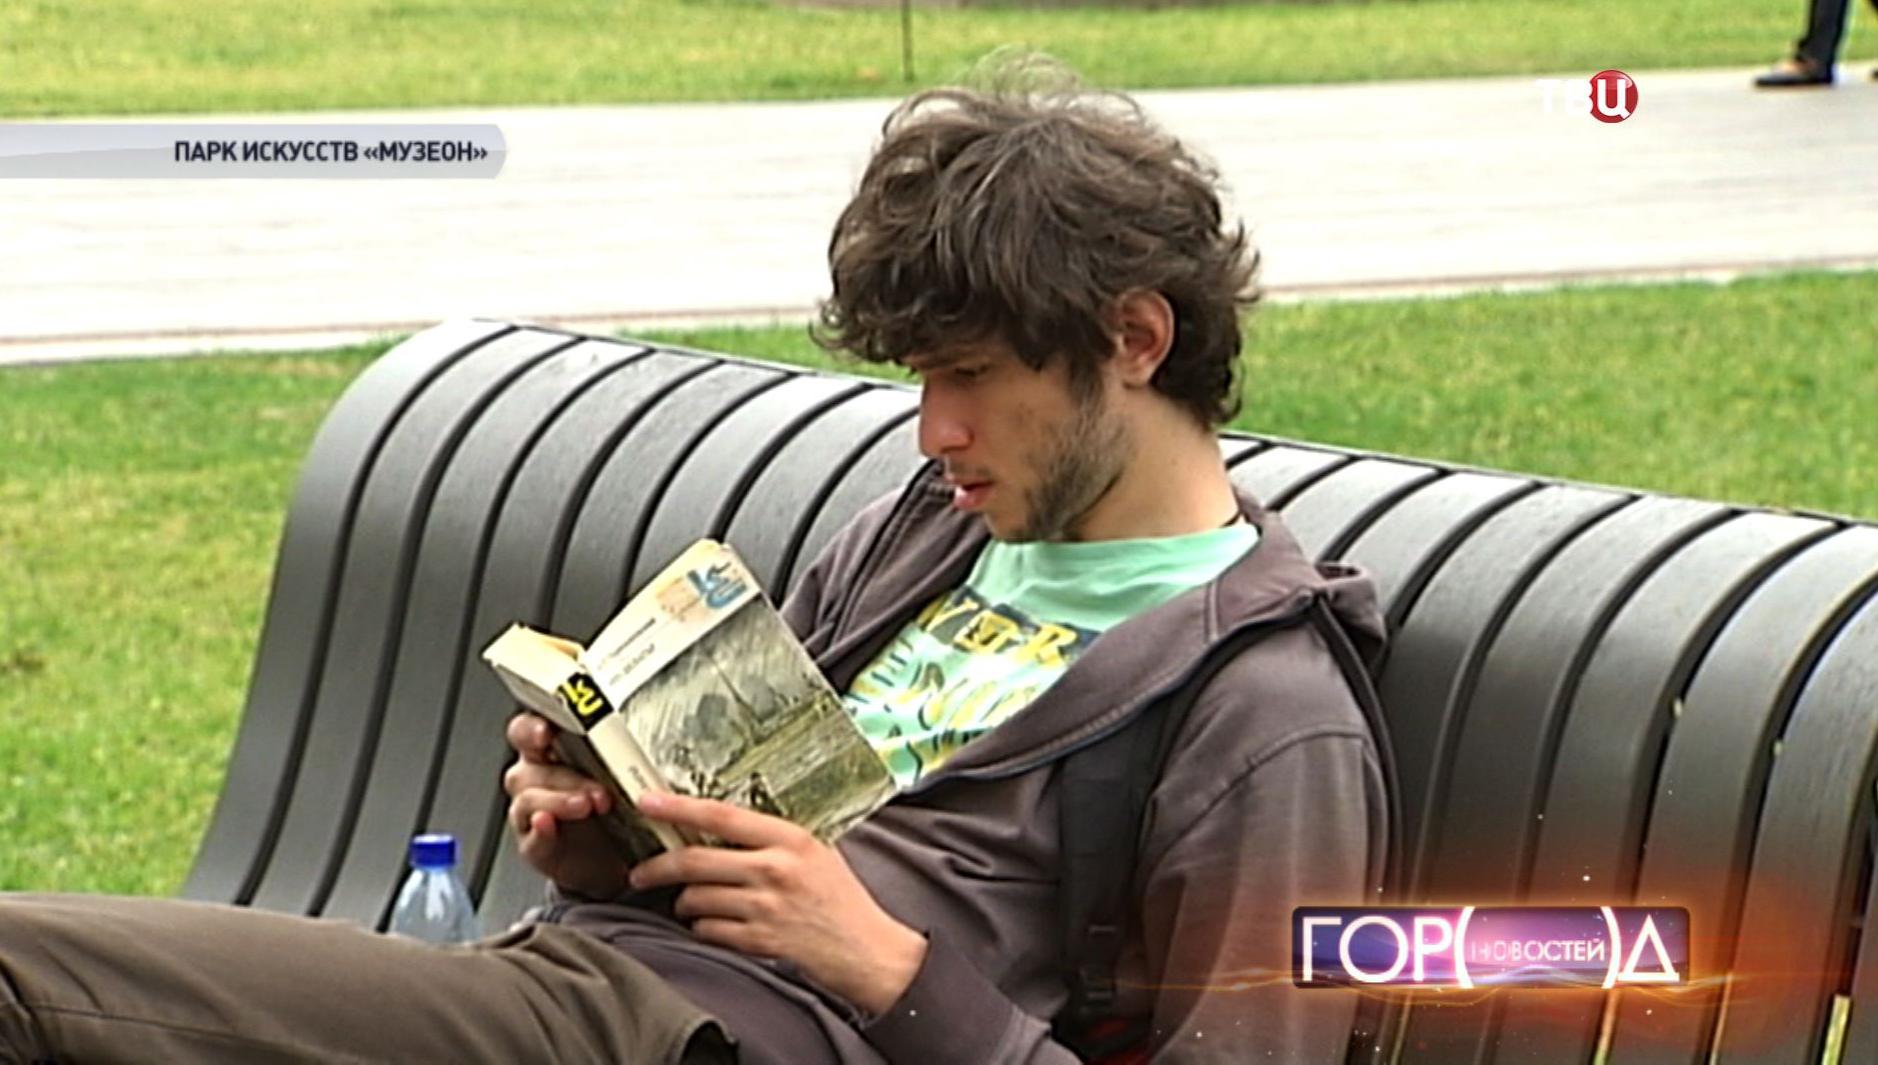 """Отдыхающий мужчина читает книгу в парке """"Музеон"""""""